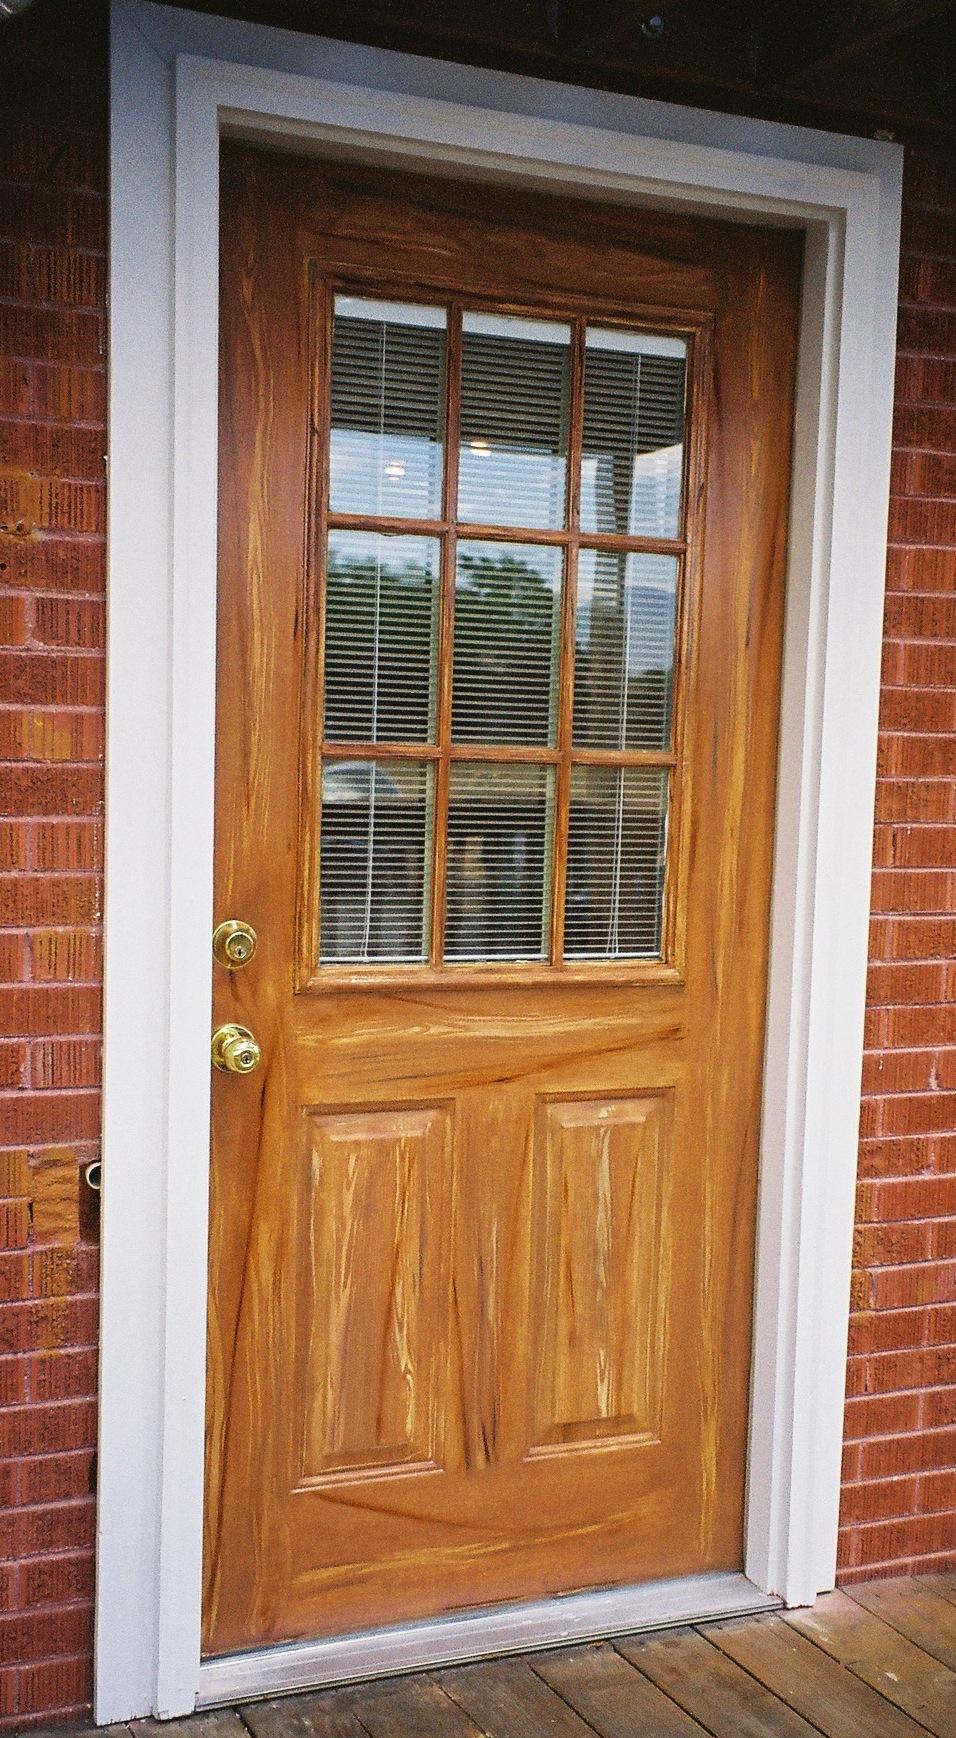 Doors woodgrained match the wood deck and brick. & Exterior Metall Deck Door